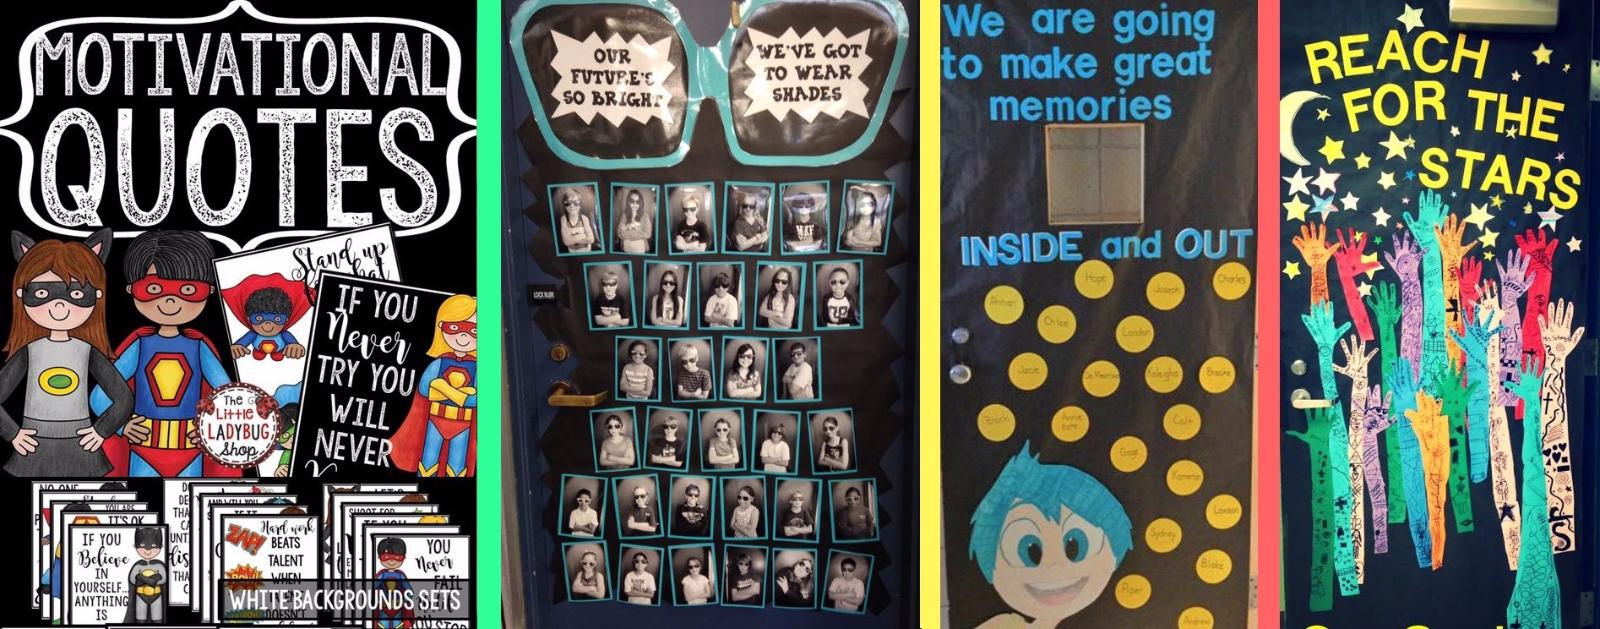 47948c3704a Δείτε πρωτότυπες ιδέες απ' όλο τον κόσμο για να ομορφύνουμε τα Σχολεία μας!